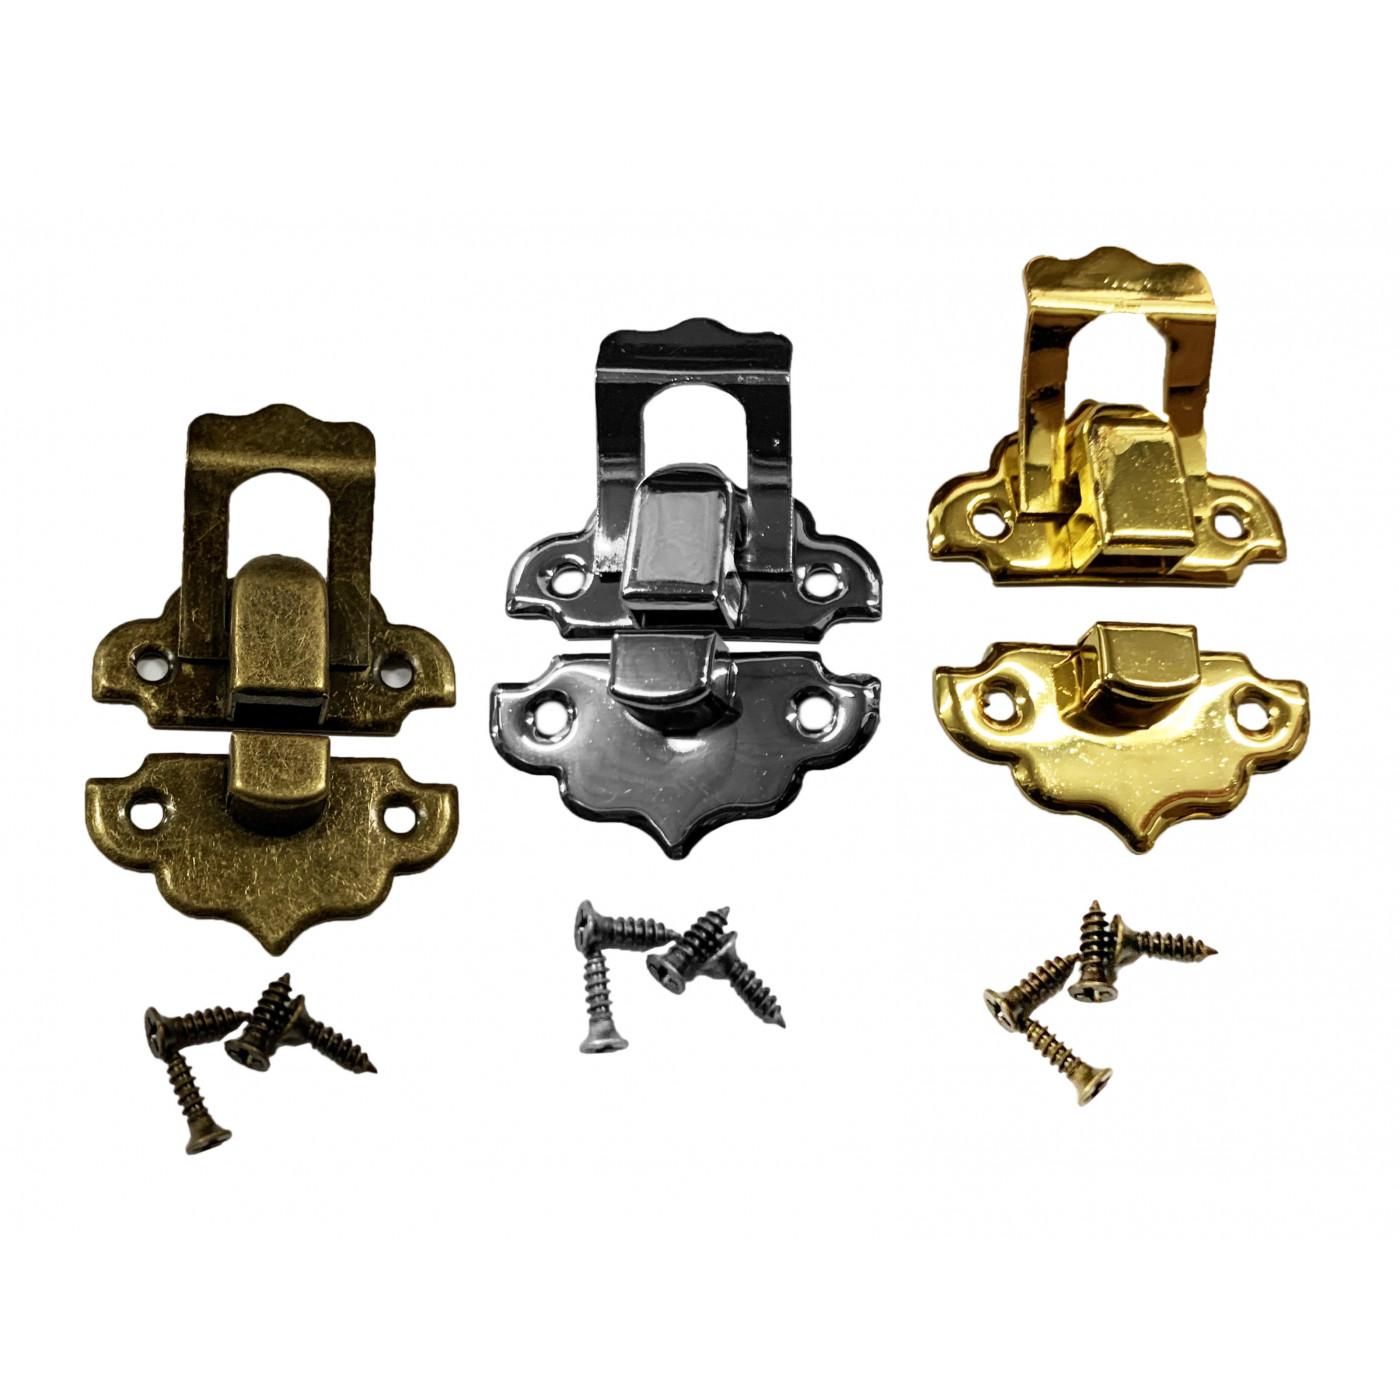 Set von 30 kleinen Metall-Retro-Boxschlössern (Farbe: Bronze)  - 1